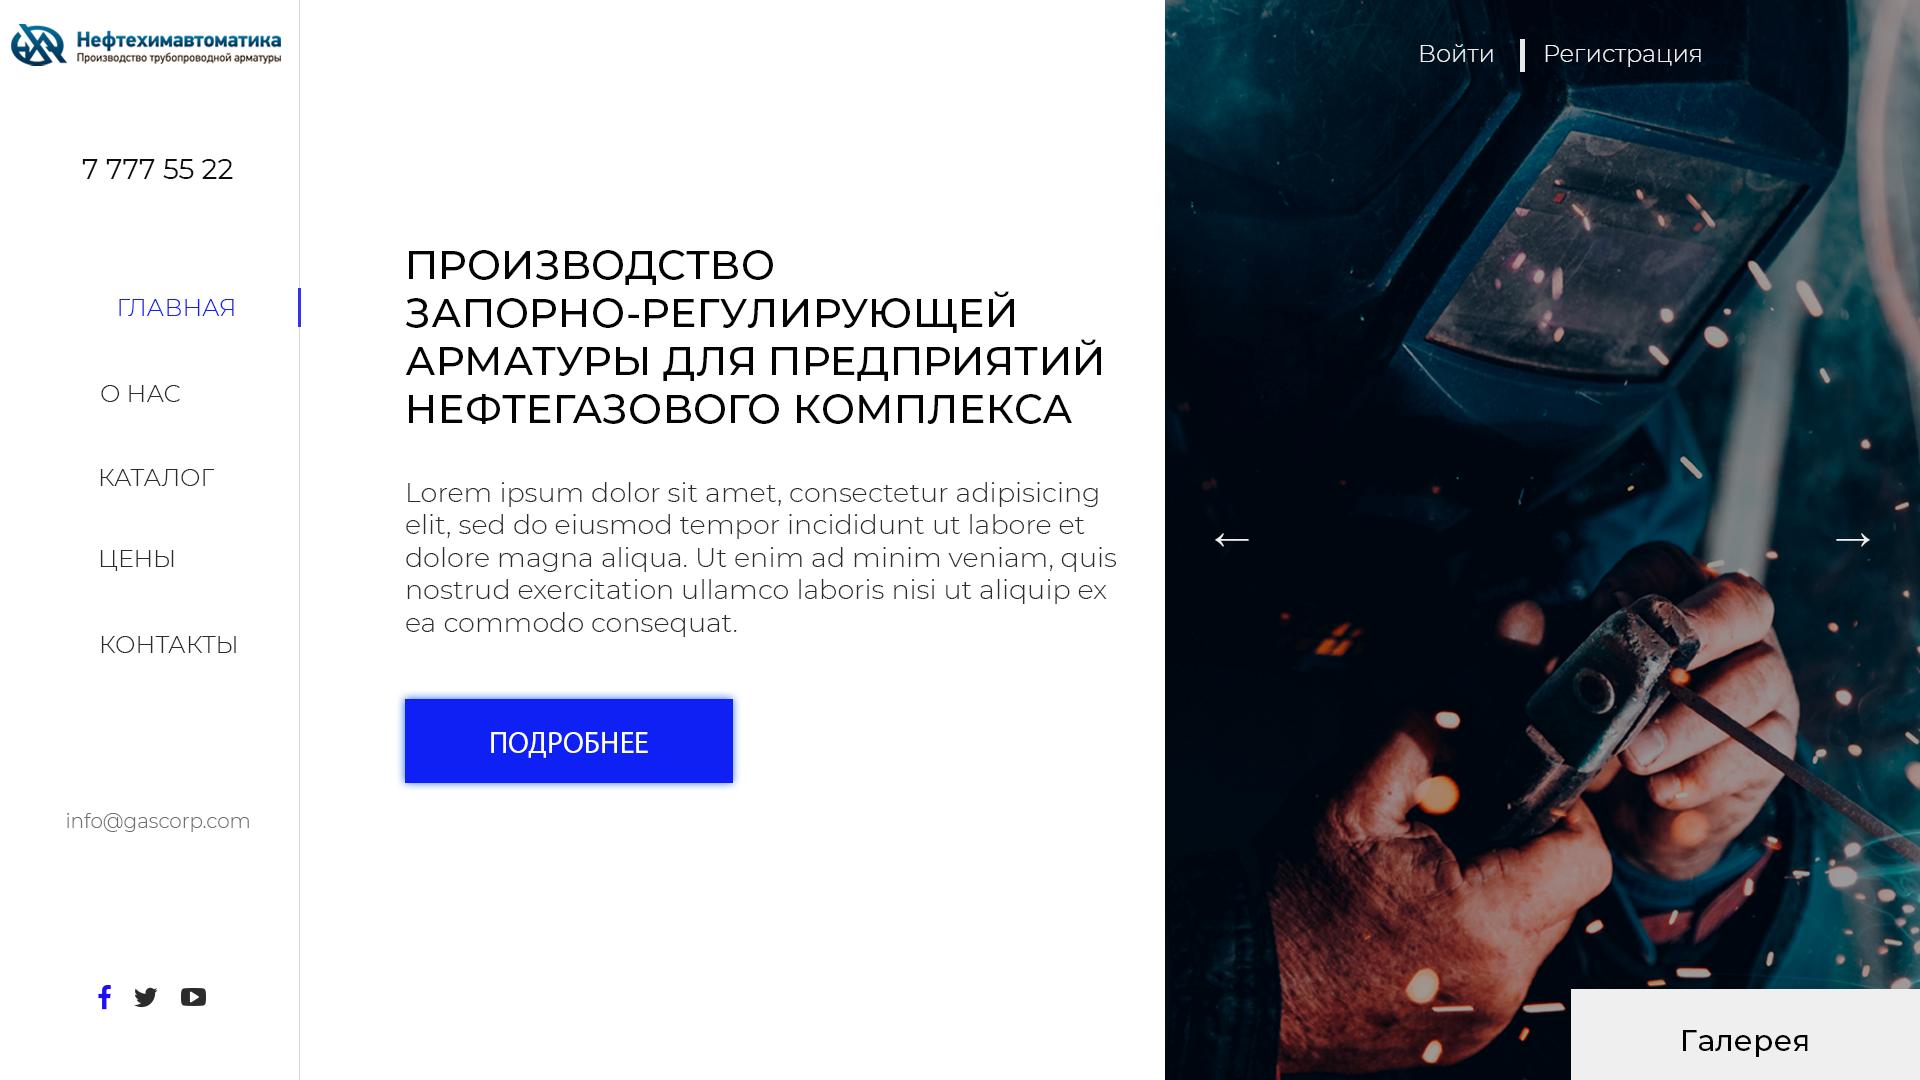 Внимание, конкурс для дизайнеров веб-сайтов! фото f_8995c617c17819c5.png